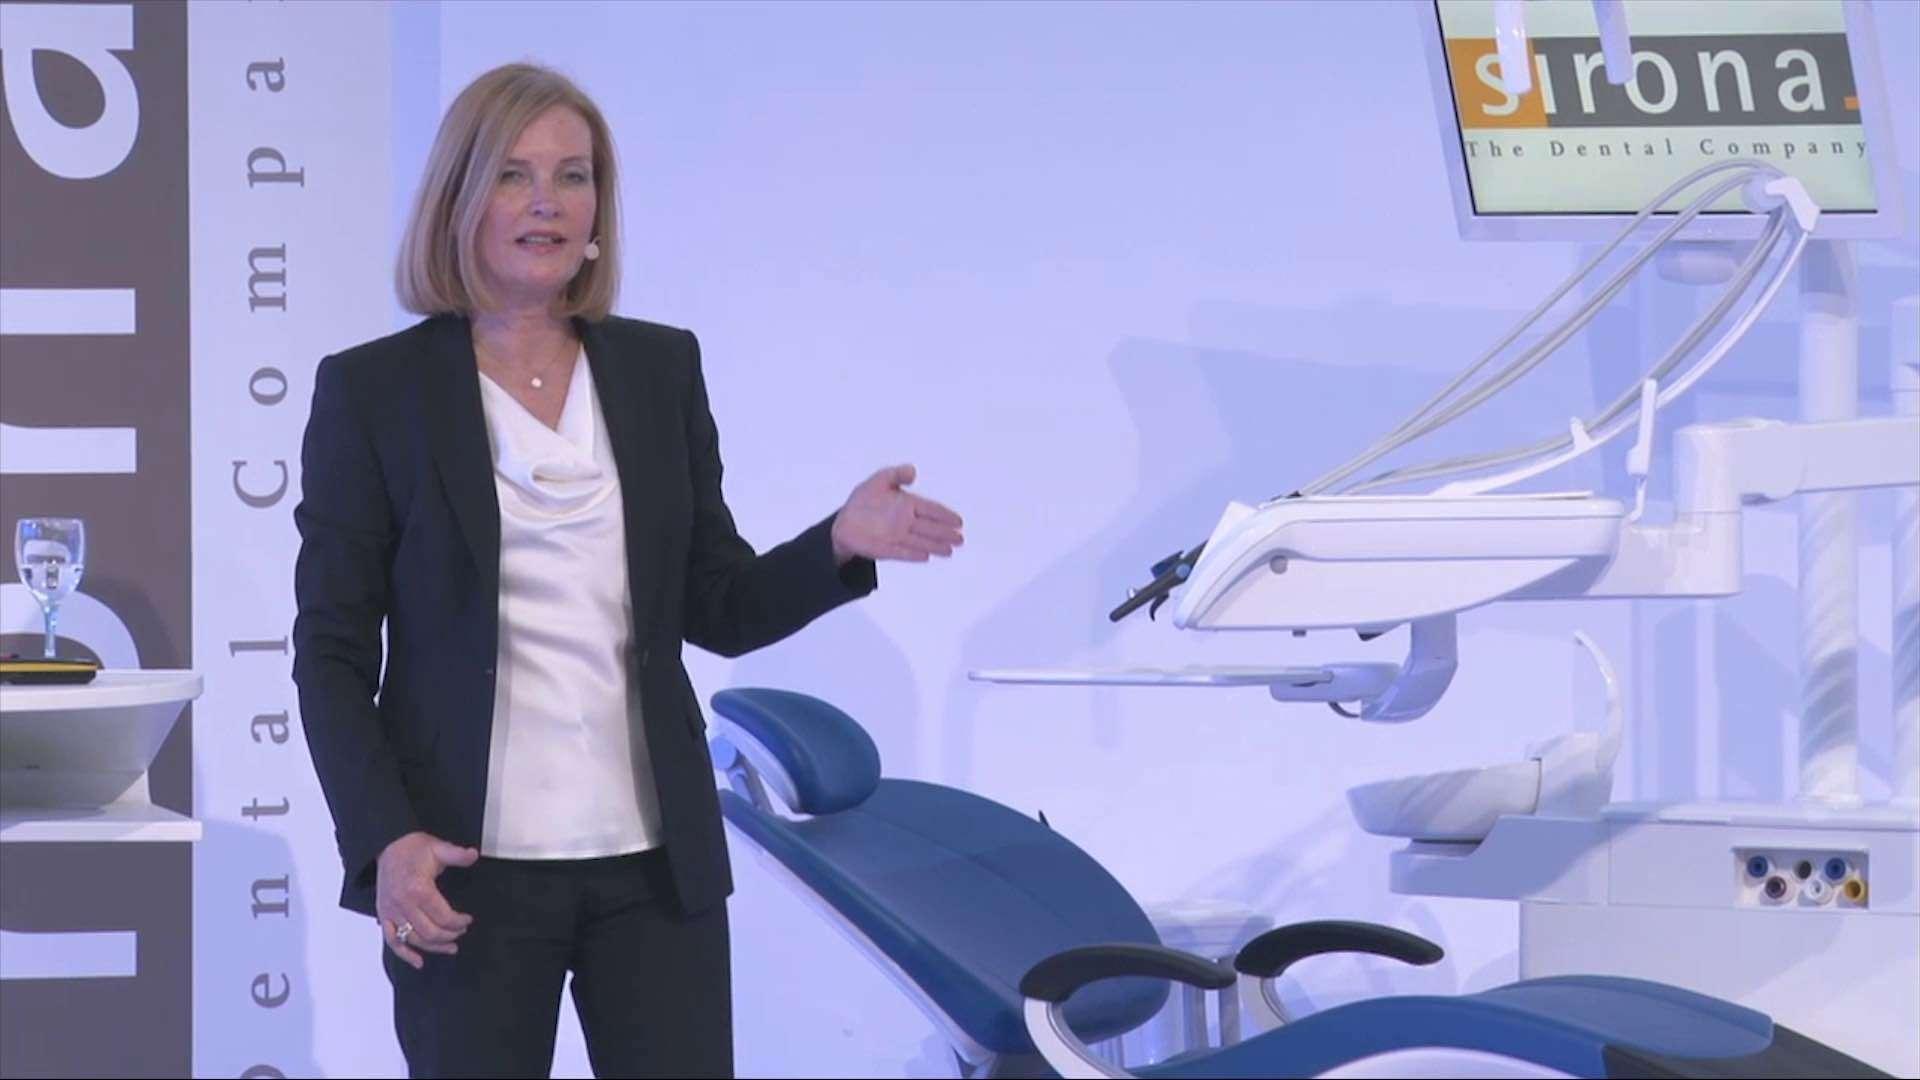 Eine Frau hält einen Vortrag über ein Gerät der The Dental Company